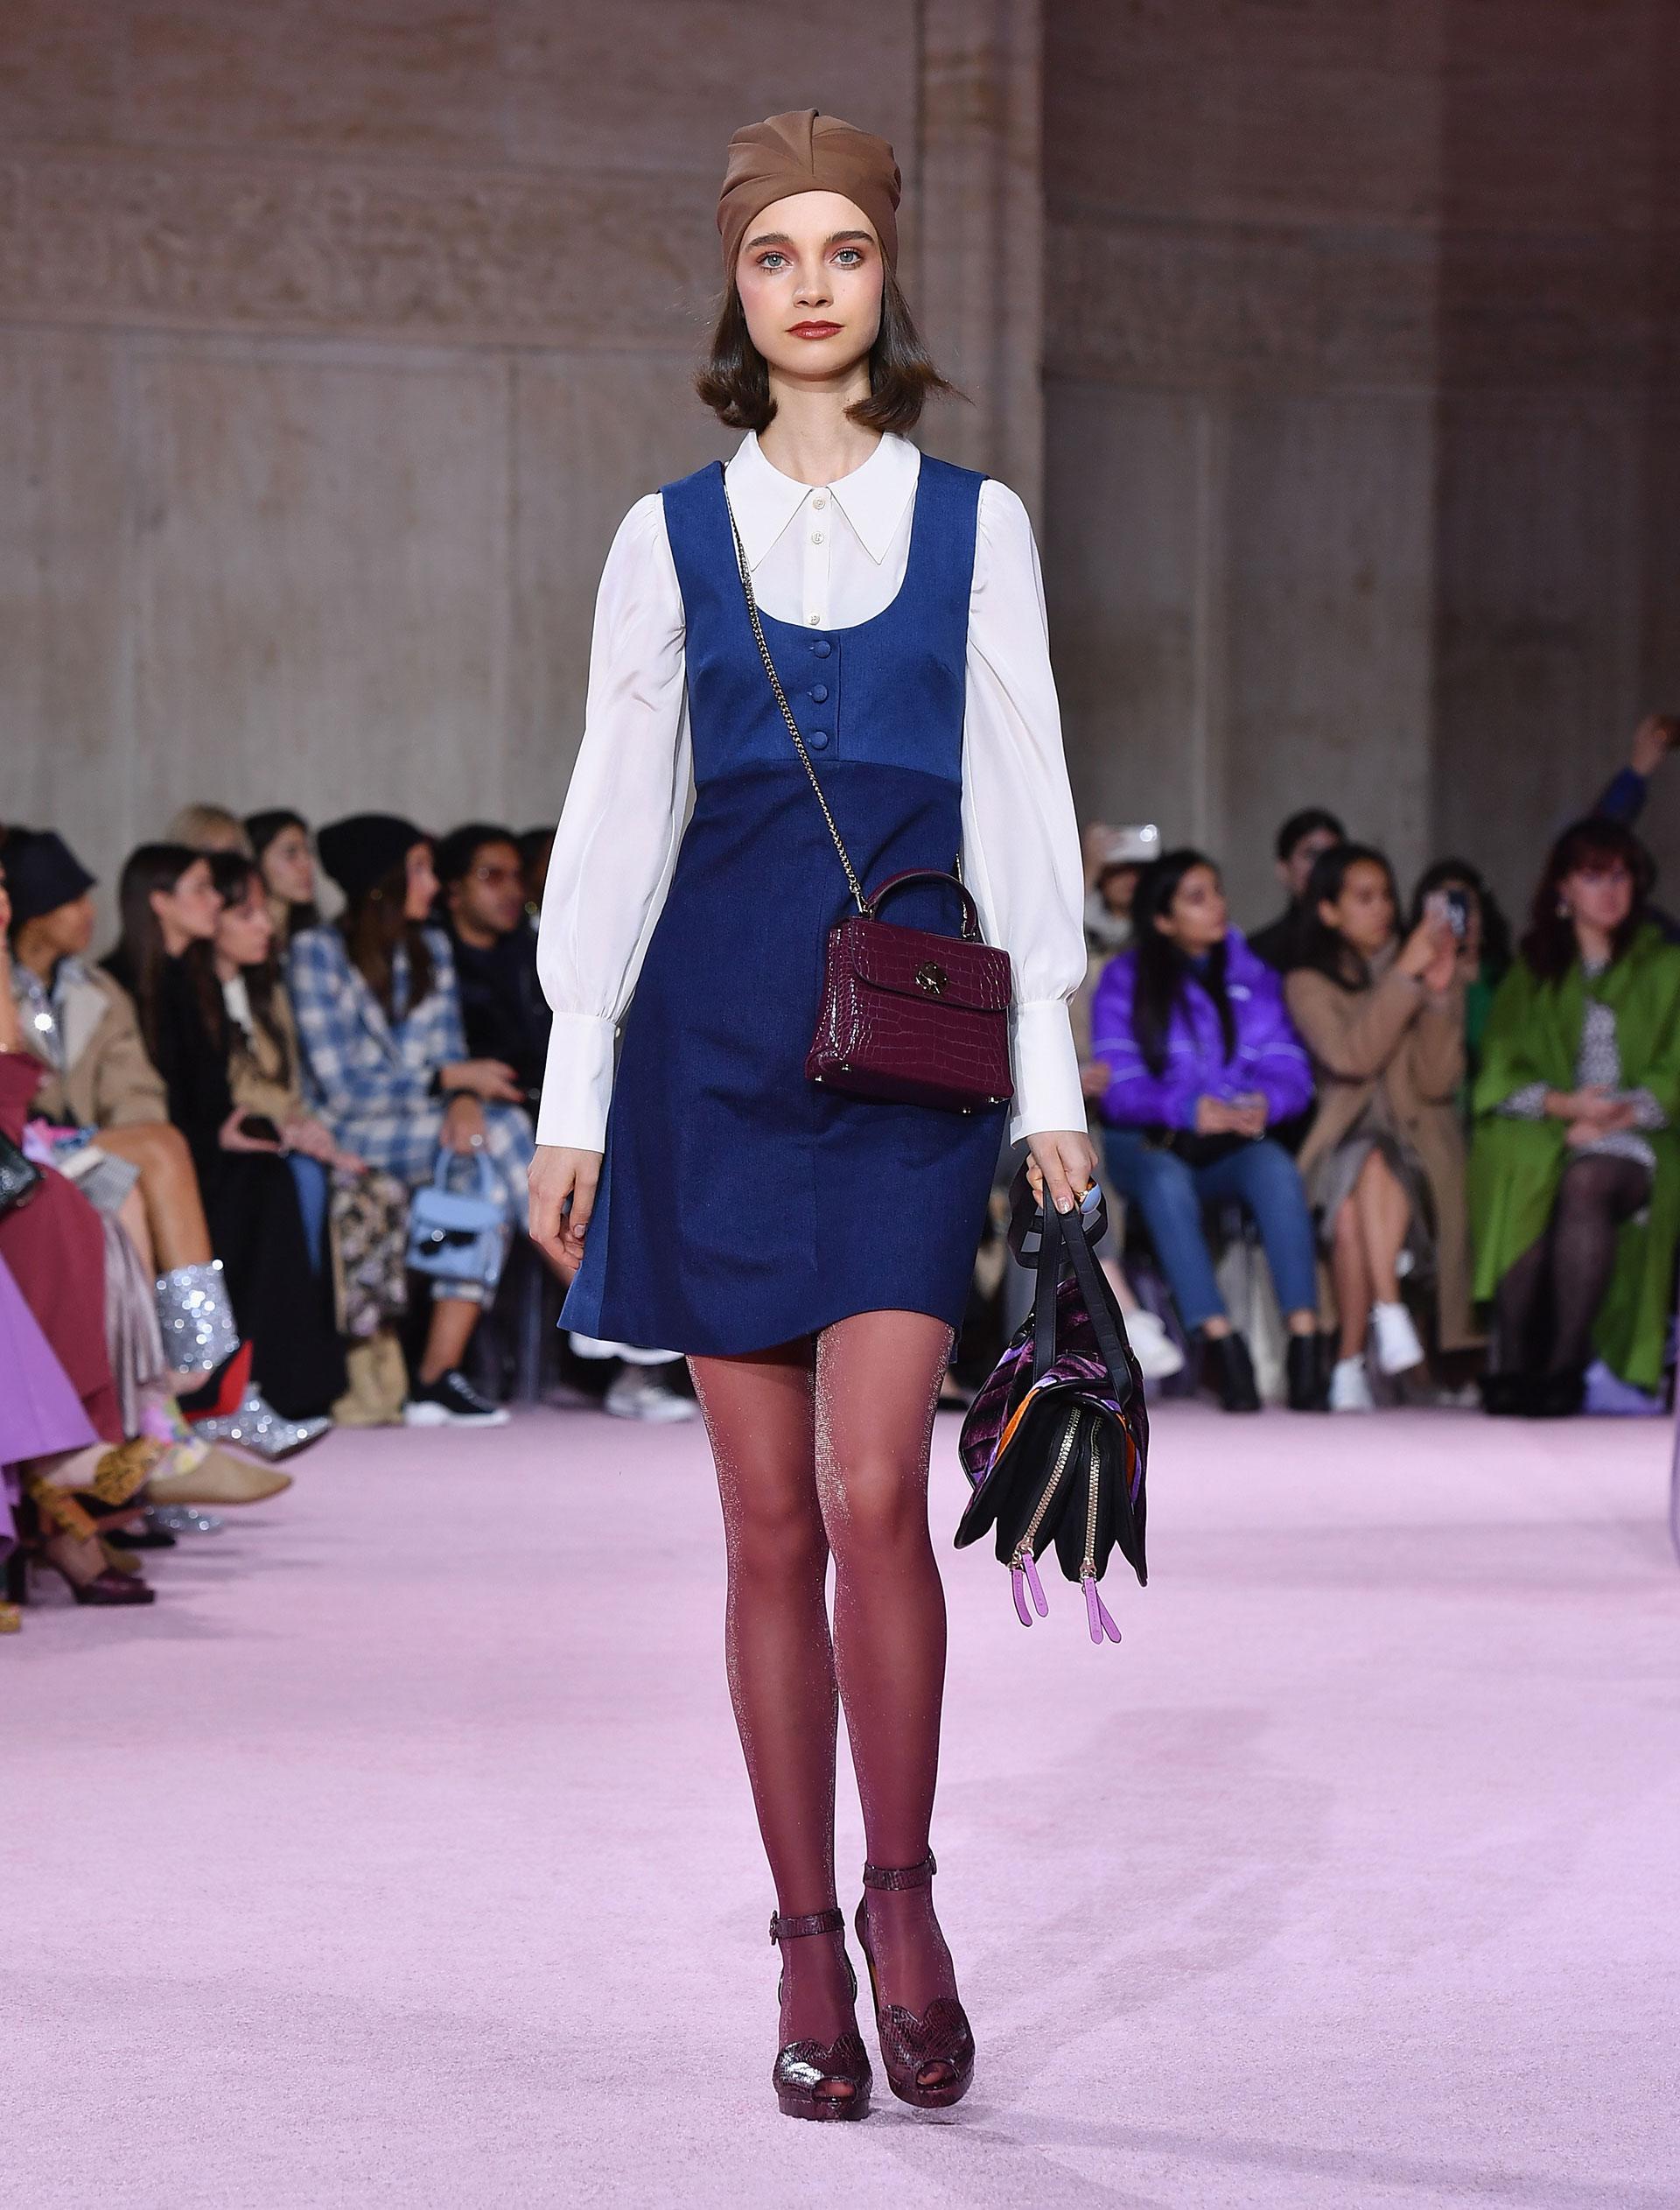 Superposición de prendas también es tendencia. Vestidos con camisas, mini bags, turbantes, medias de nylon de colores y zapatos con pulsera